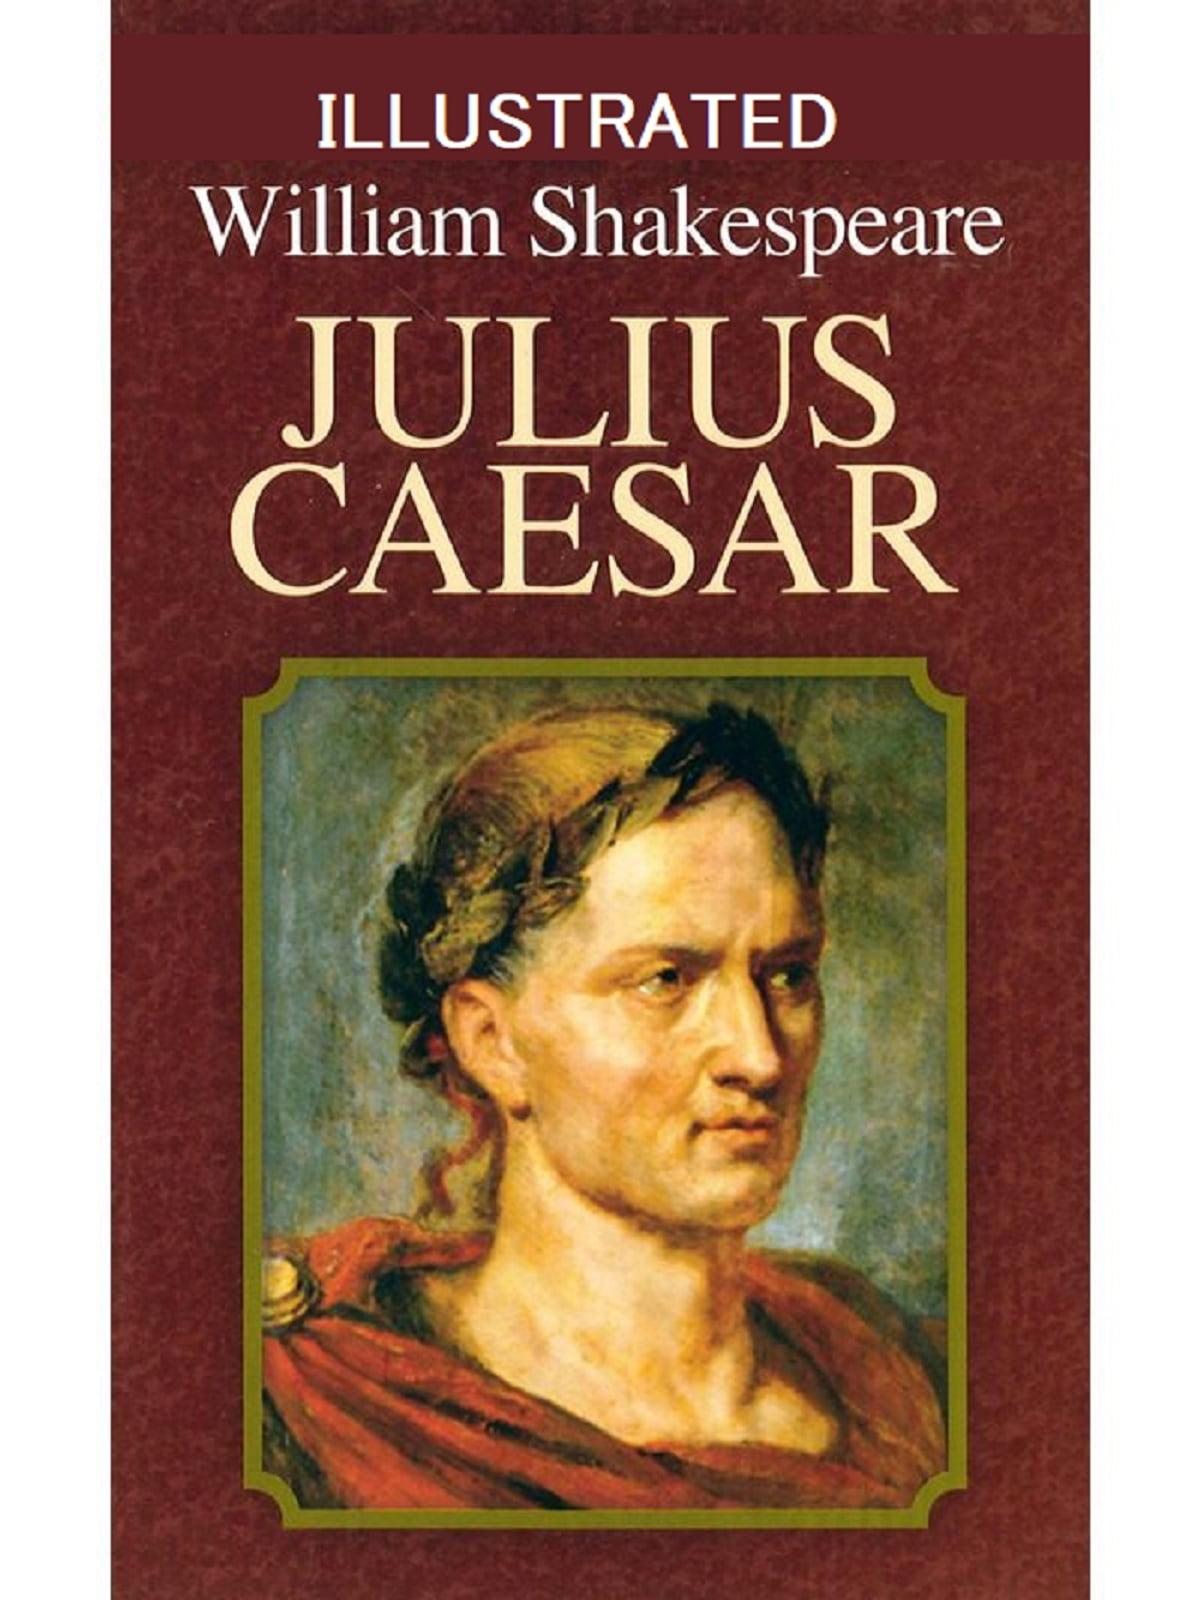 Julius Caesar Illustrated Ebook By William Shakespeare